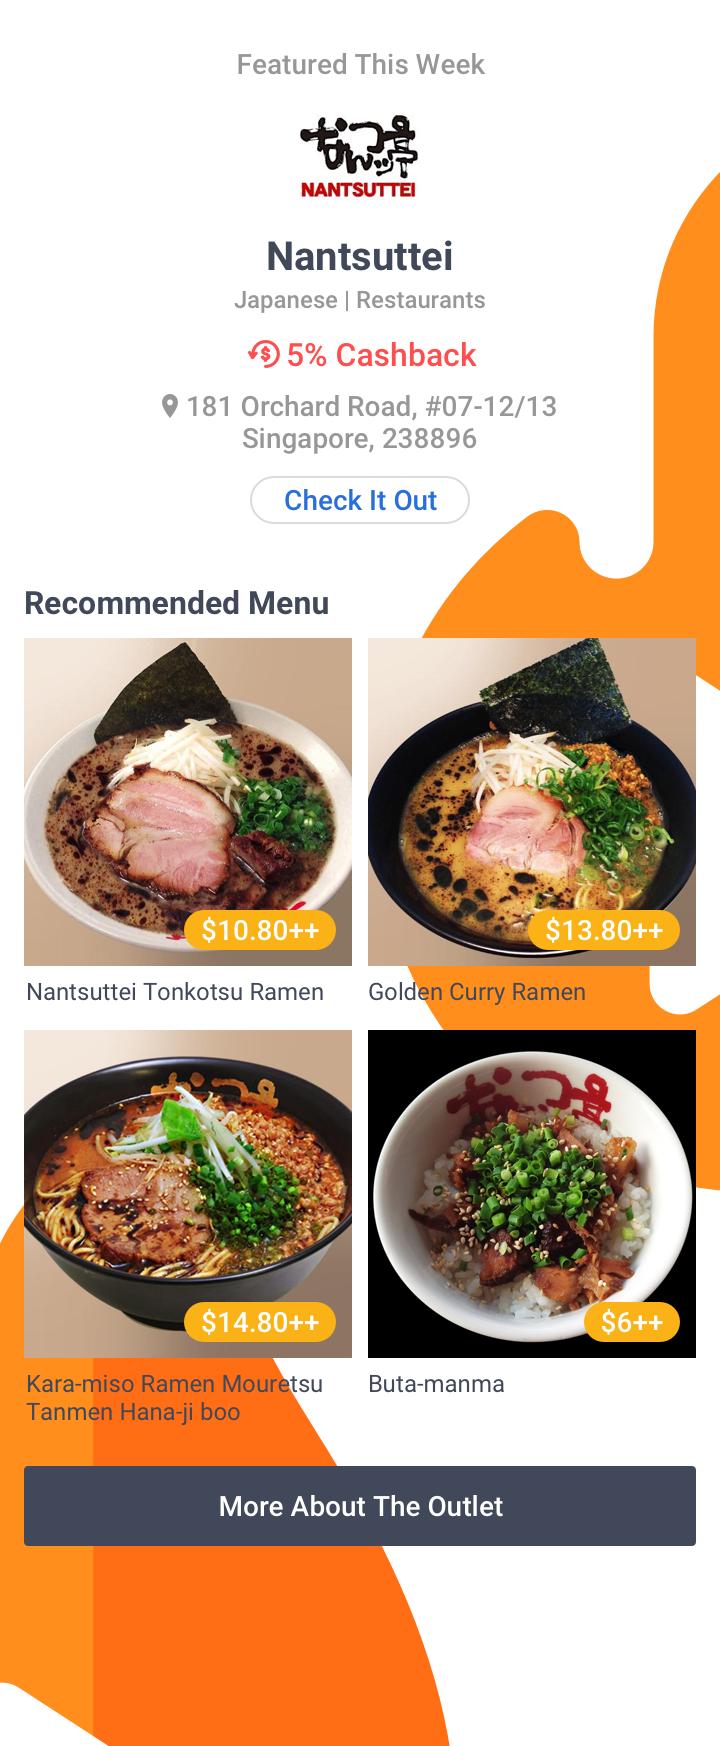 Foodie's Choice - Nantsuttei